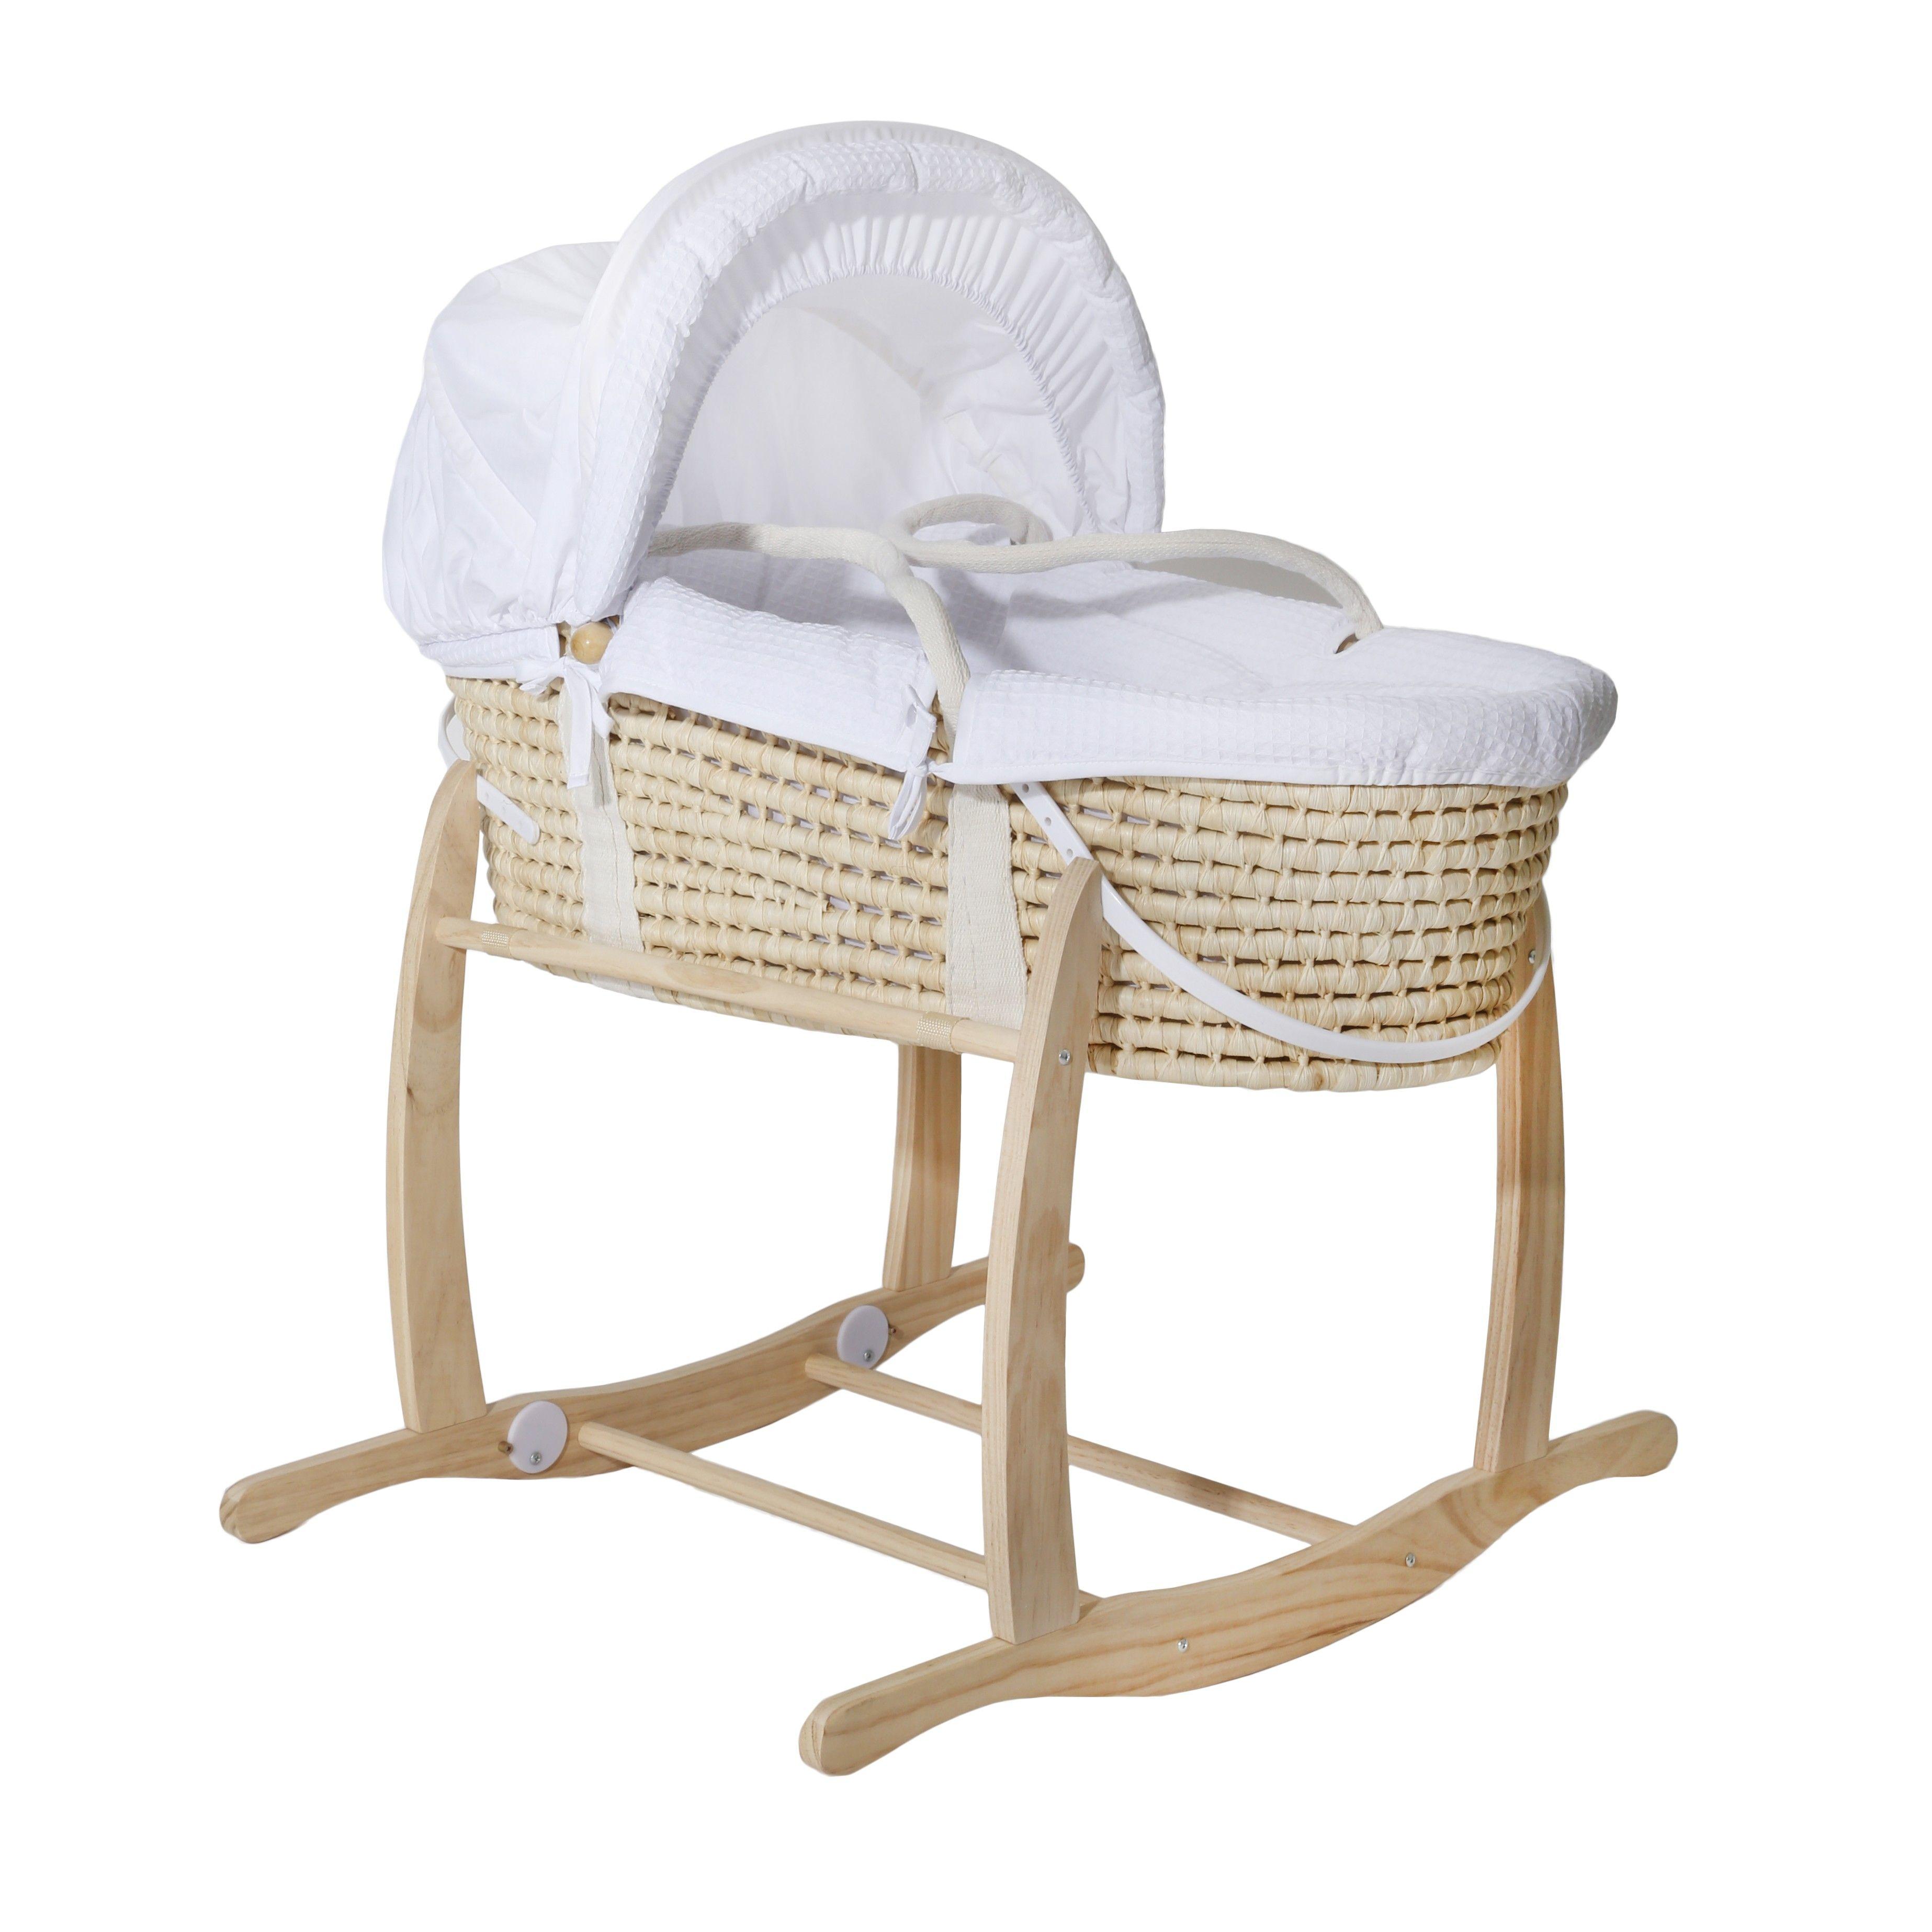 babyco moses basket stand nursery moses basket. Black Bedroom Furniture Sets. Home Design Ideas